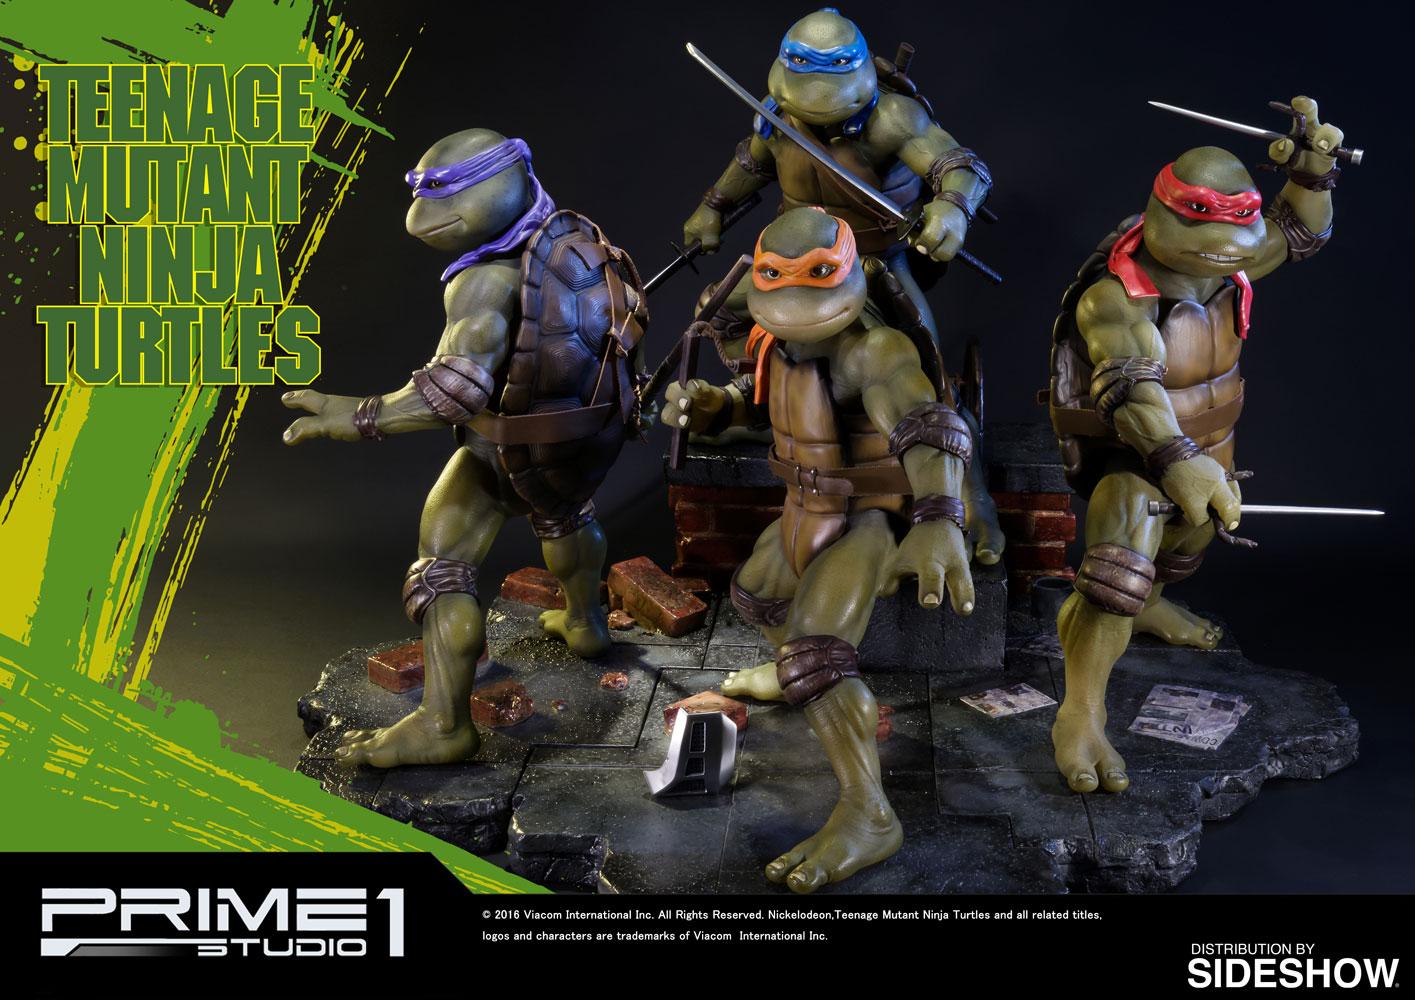 TMNT Teenage Mutant Ninja Turtles Polystone Statue By Prime